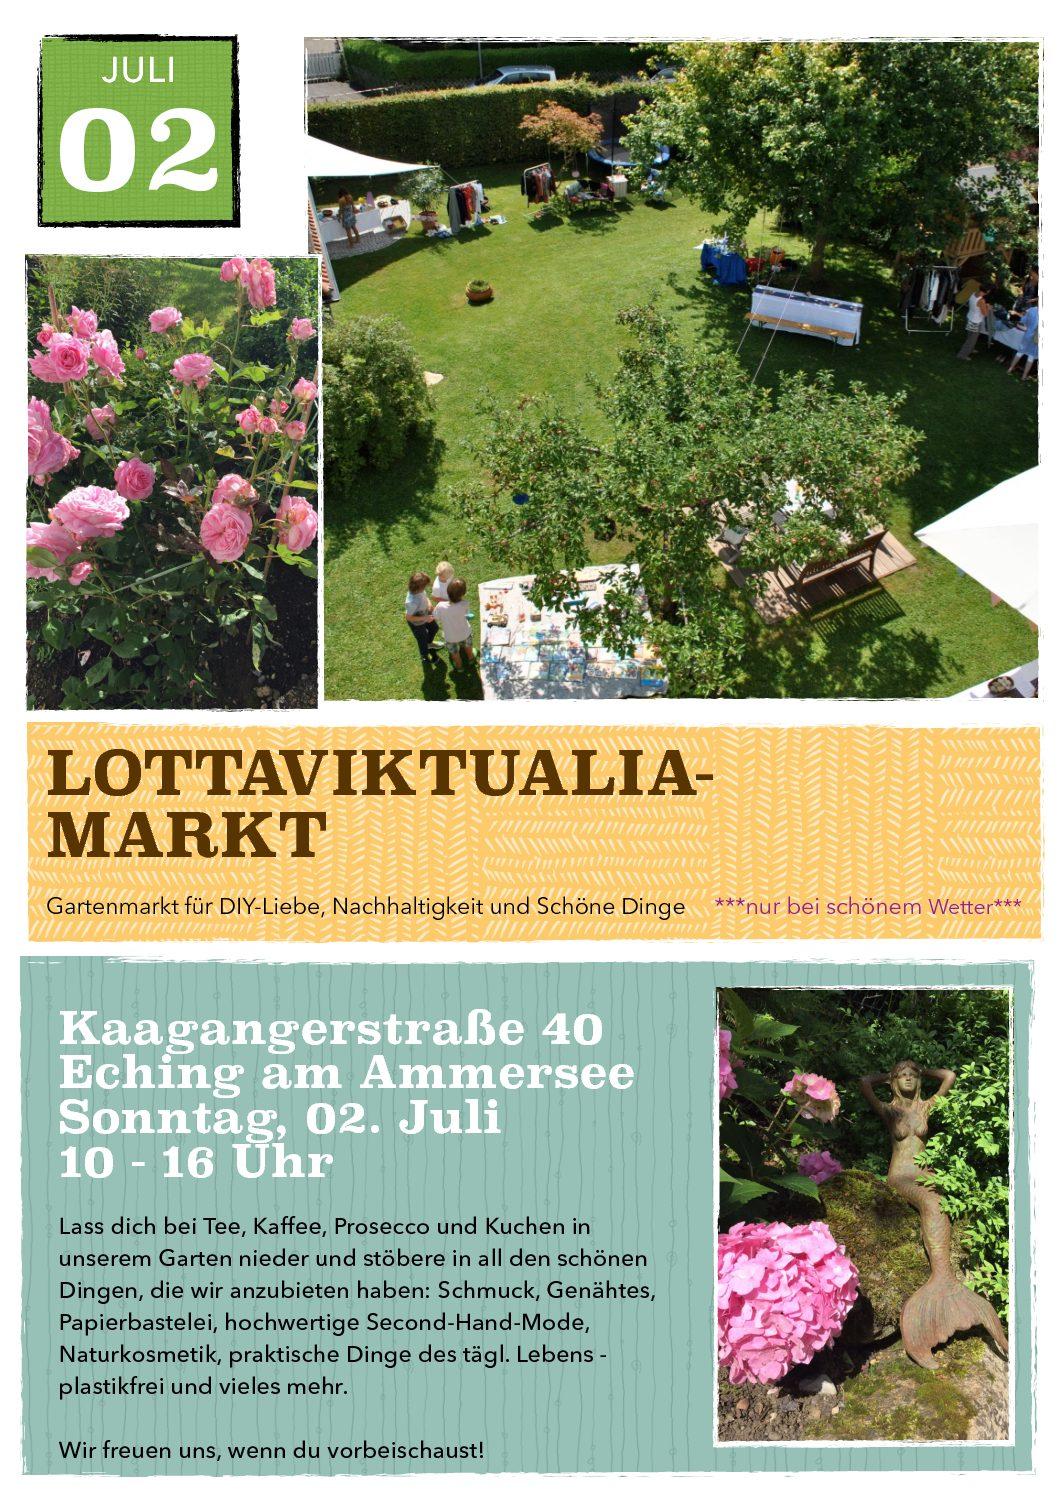 Lottaviktualia-Markt in Eching am Ammersee